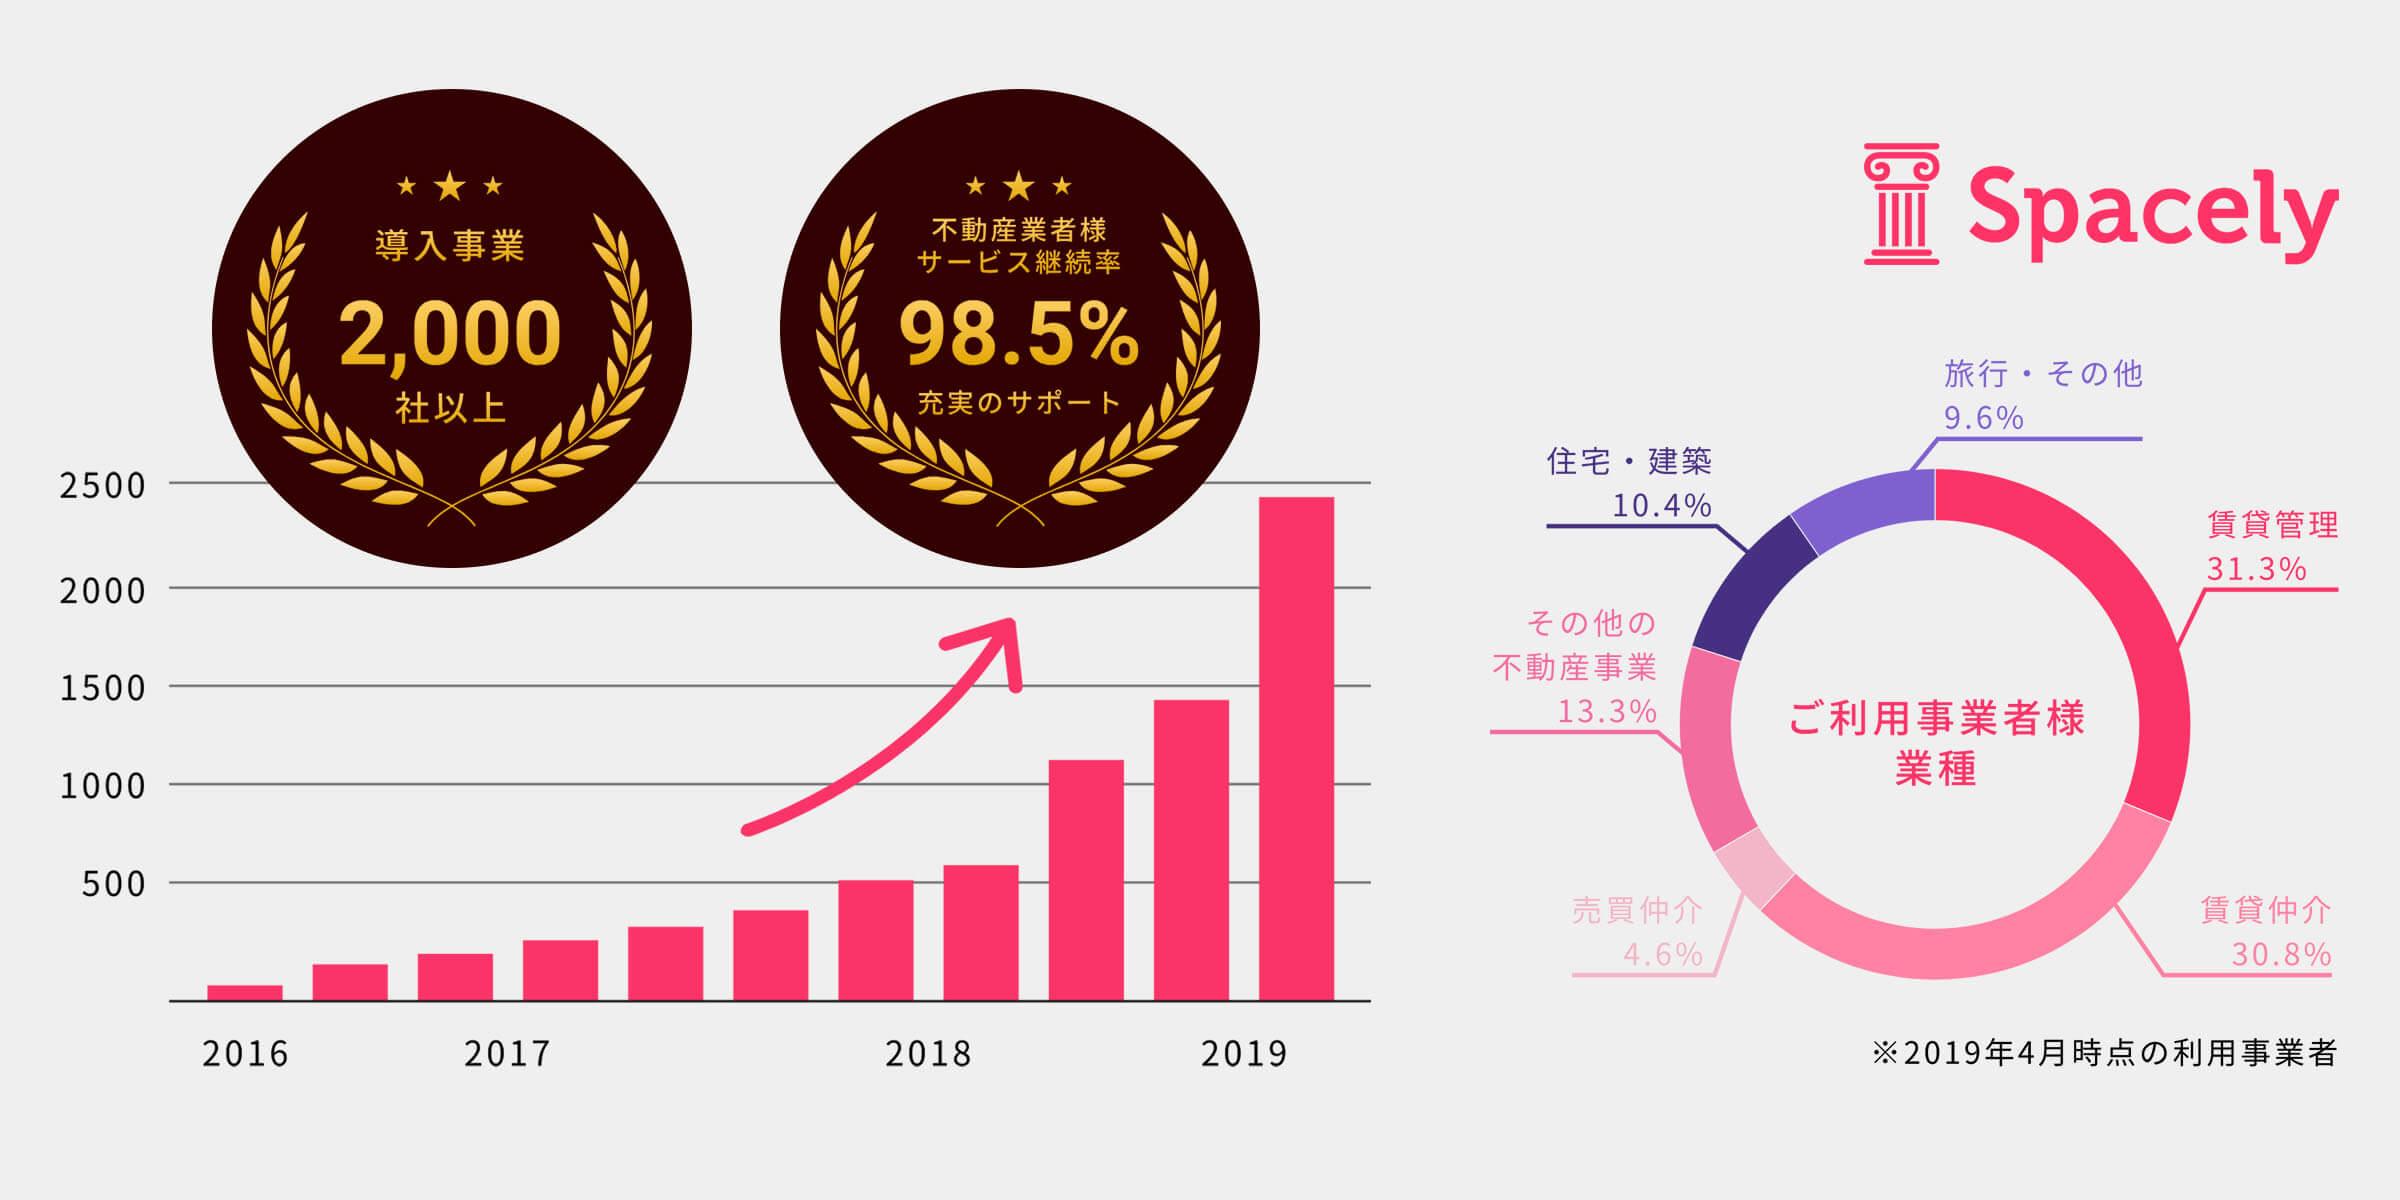 総額4億円のシリーズA資金調達を実施。VR研修分野への拡大と人工知能学会編集委員会副委員長の清田氏を技術顧問に迎え独自データを用いた研究開発を強化。